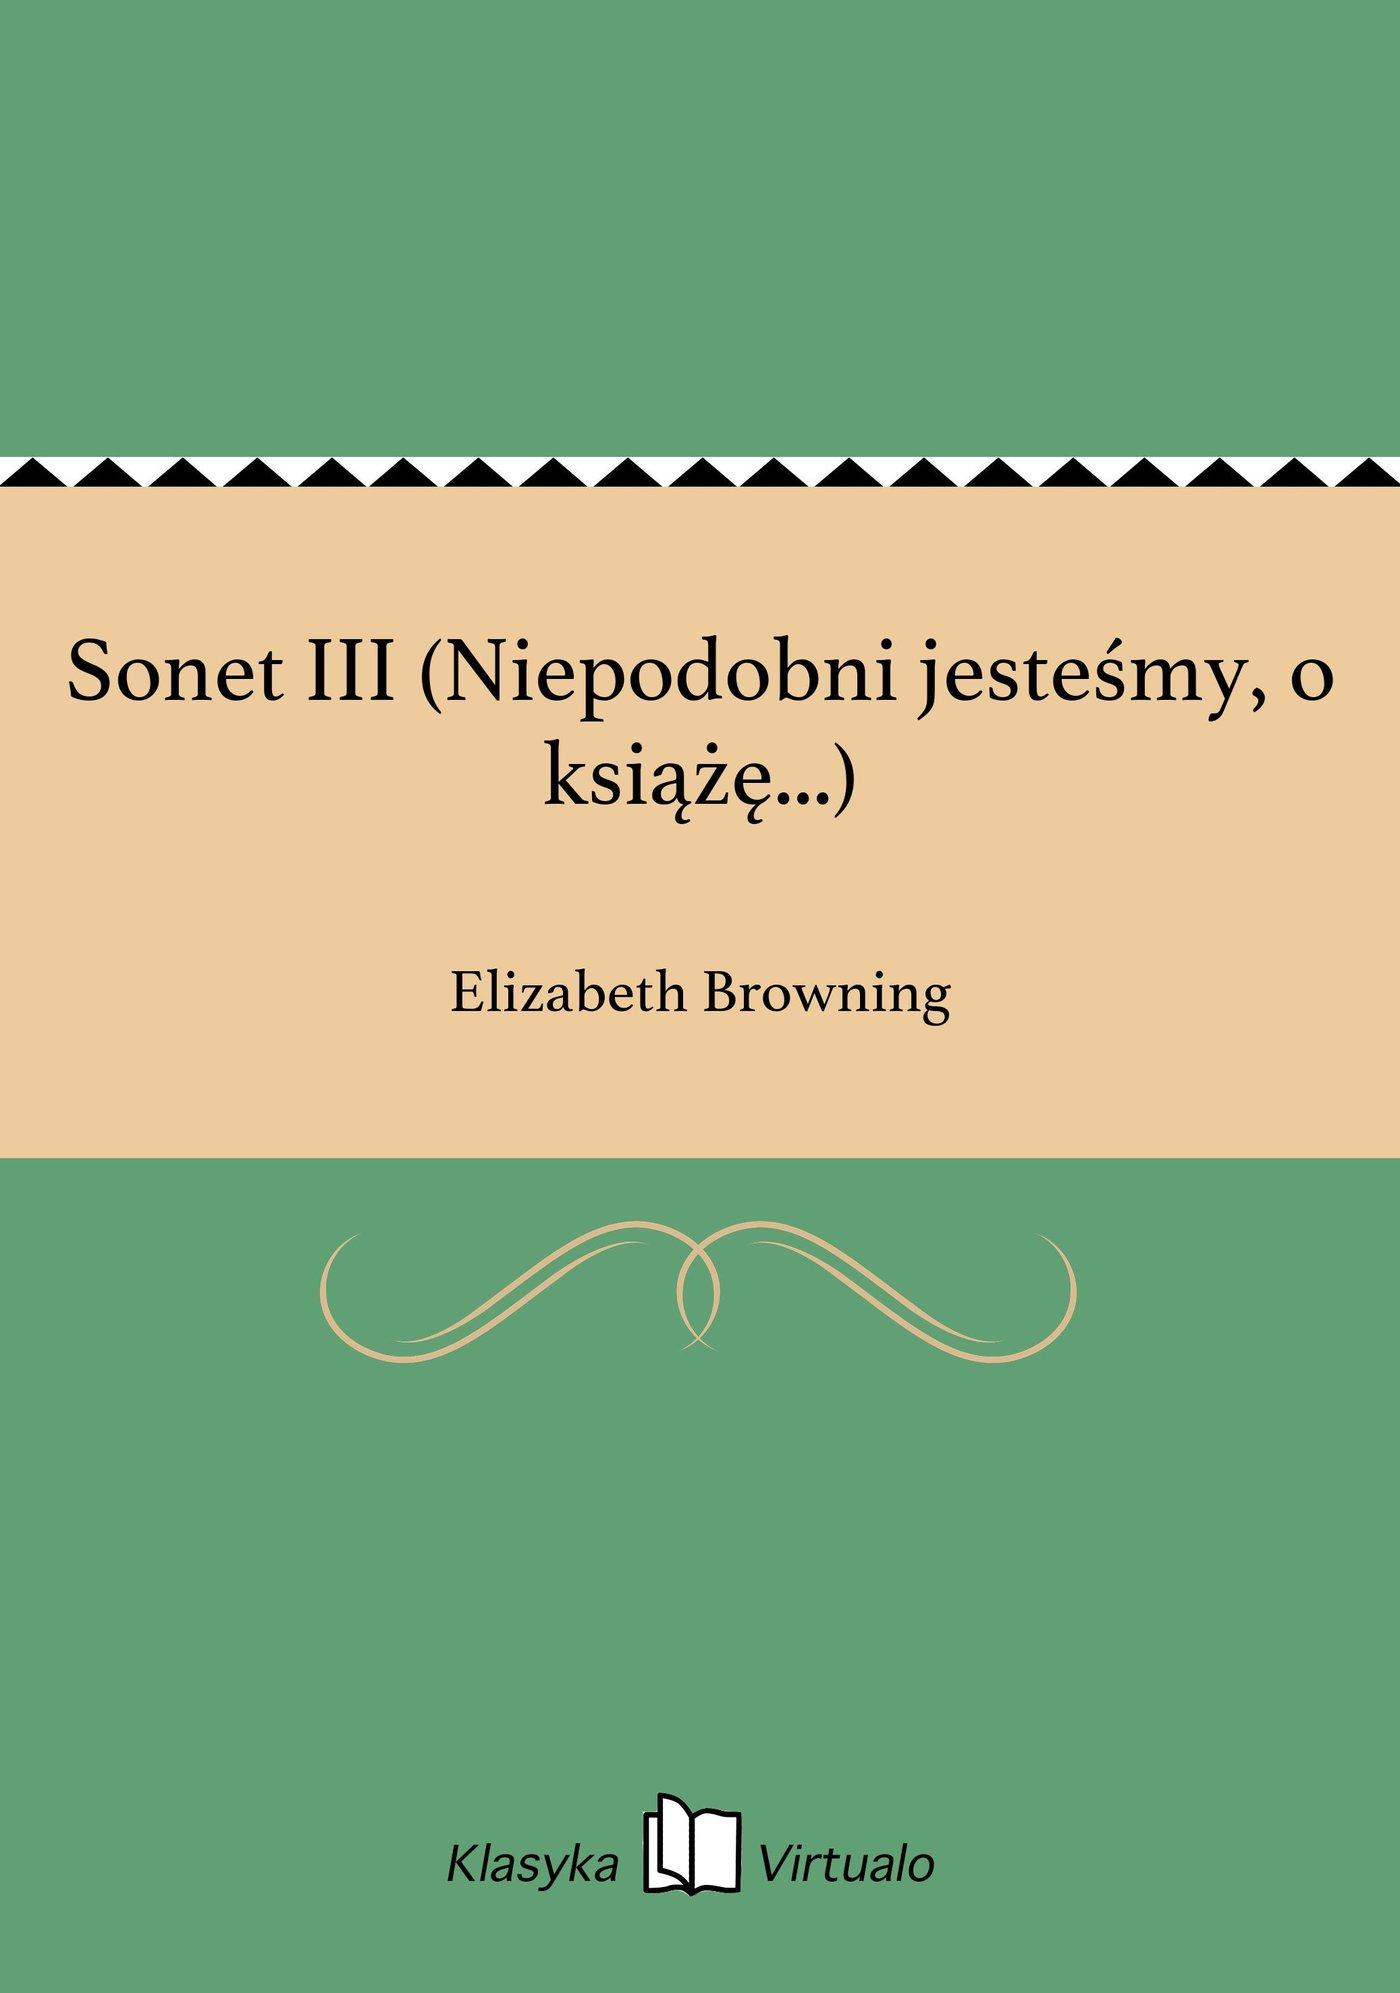 Sonet III (Niepodobni jesteśmy, o książę...) - Ebook (Książka EPUB) do pobrania w formacie EPUB